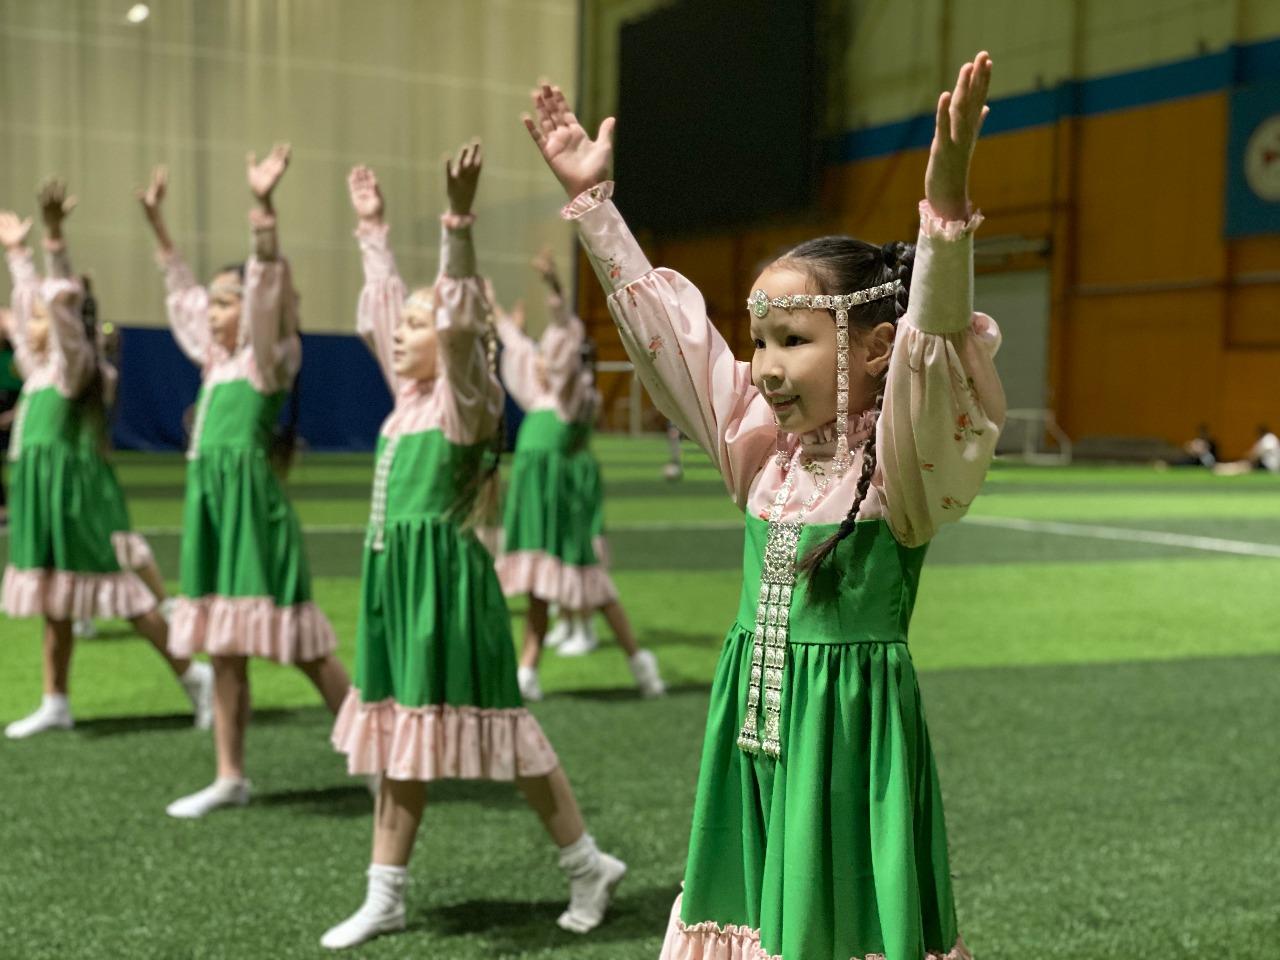 В Якутске состоялось соревнование «Спорт для всех»